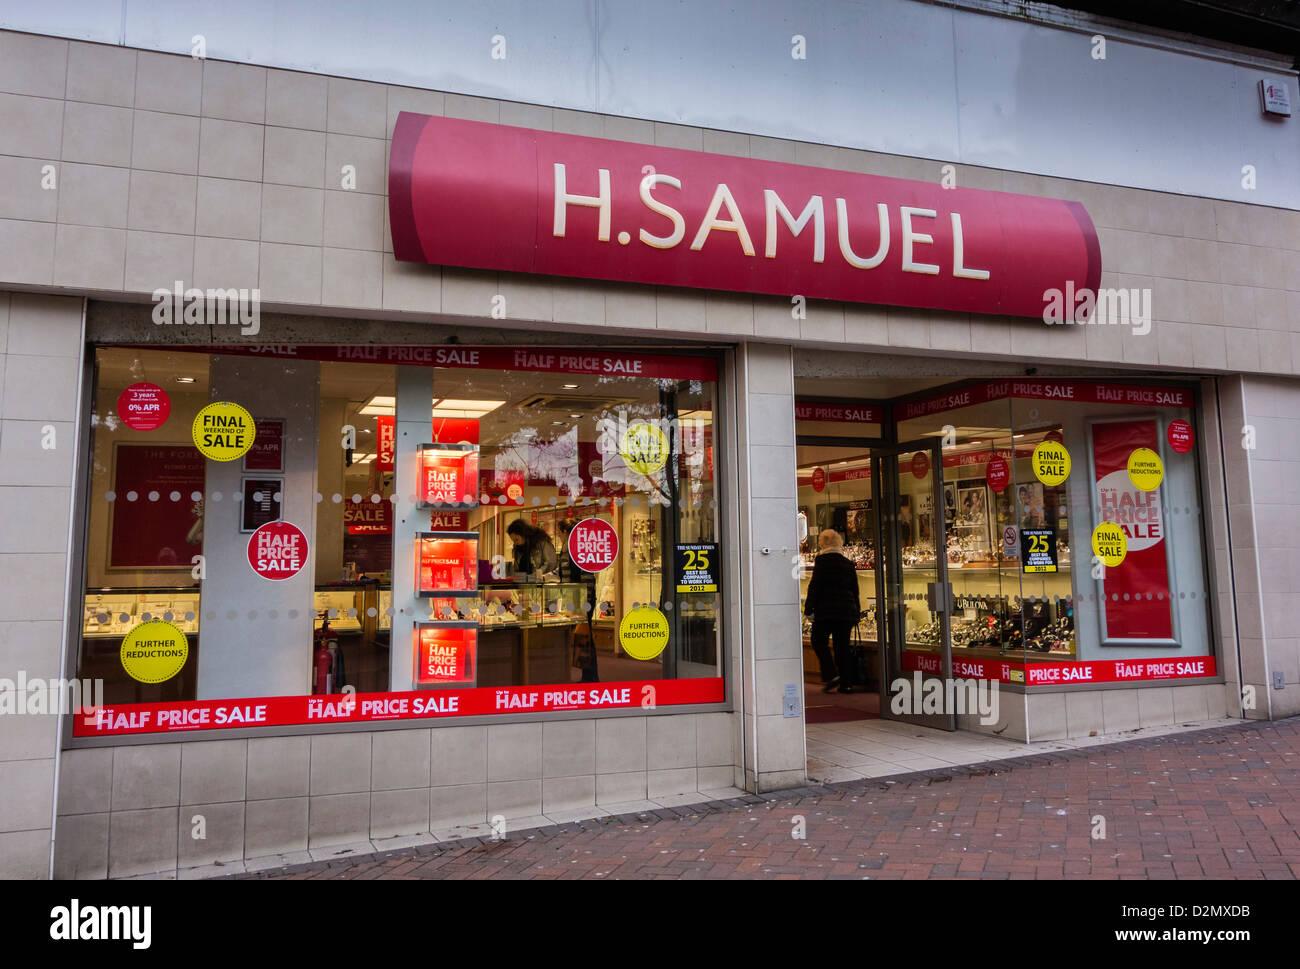 H.Samuel, Shopfront Entrance, Bournemouth, Dorset, England, UK. Europe - Stock Image